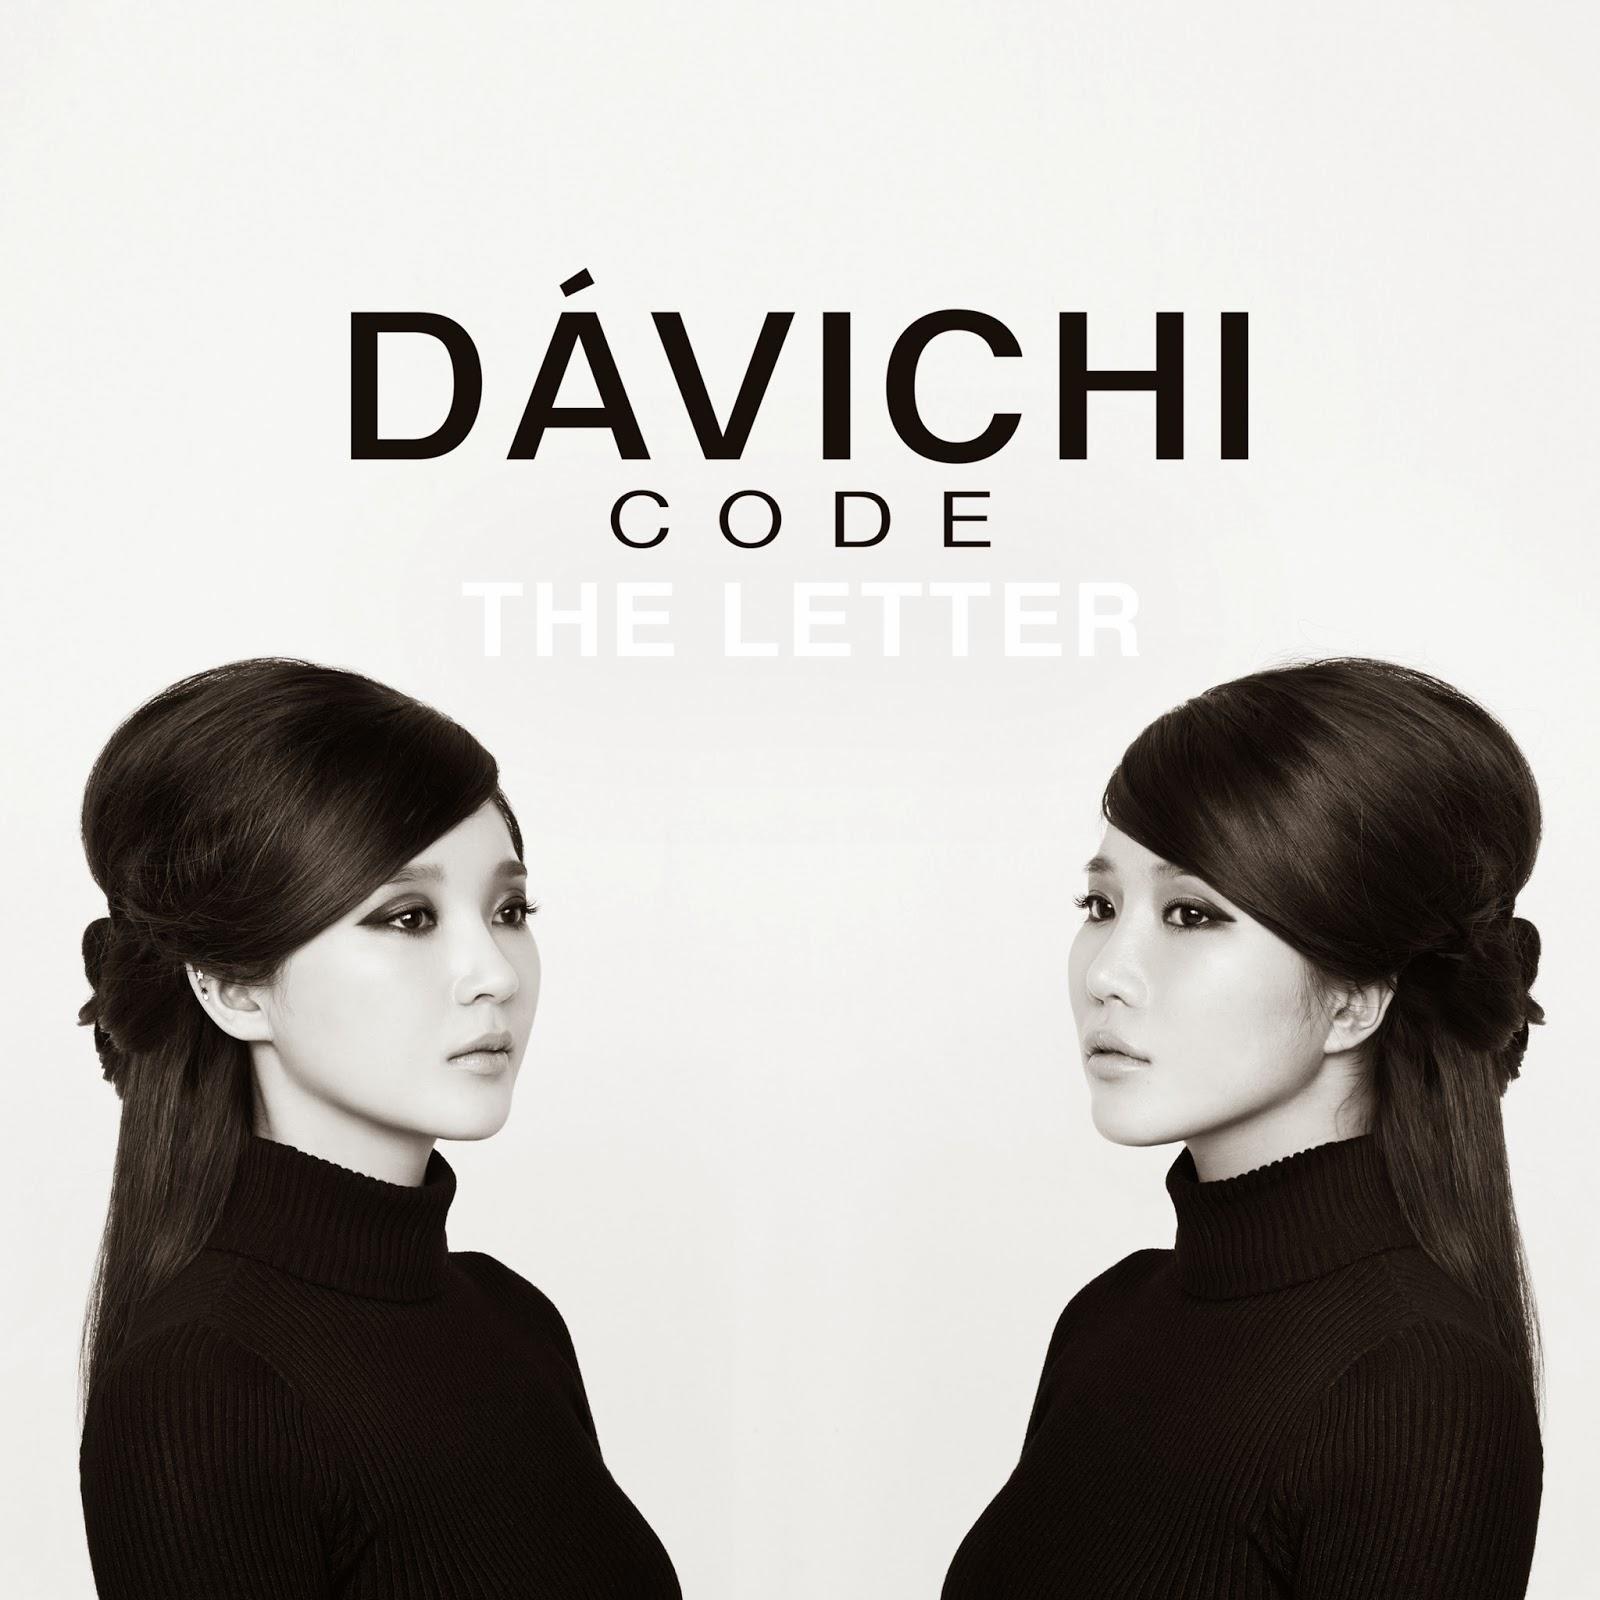 [Single] Davichi – Davichi Code